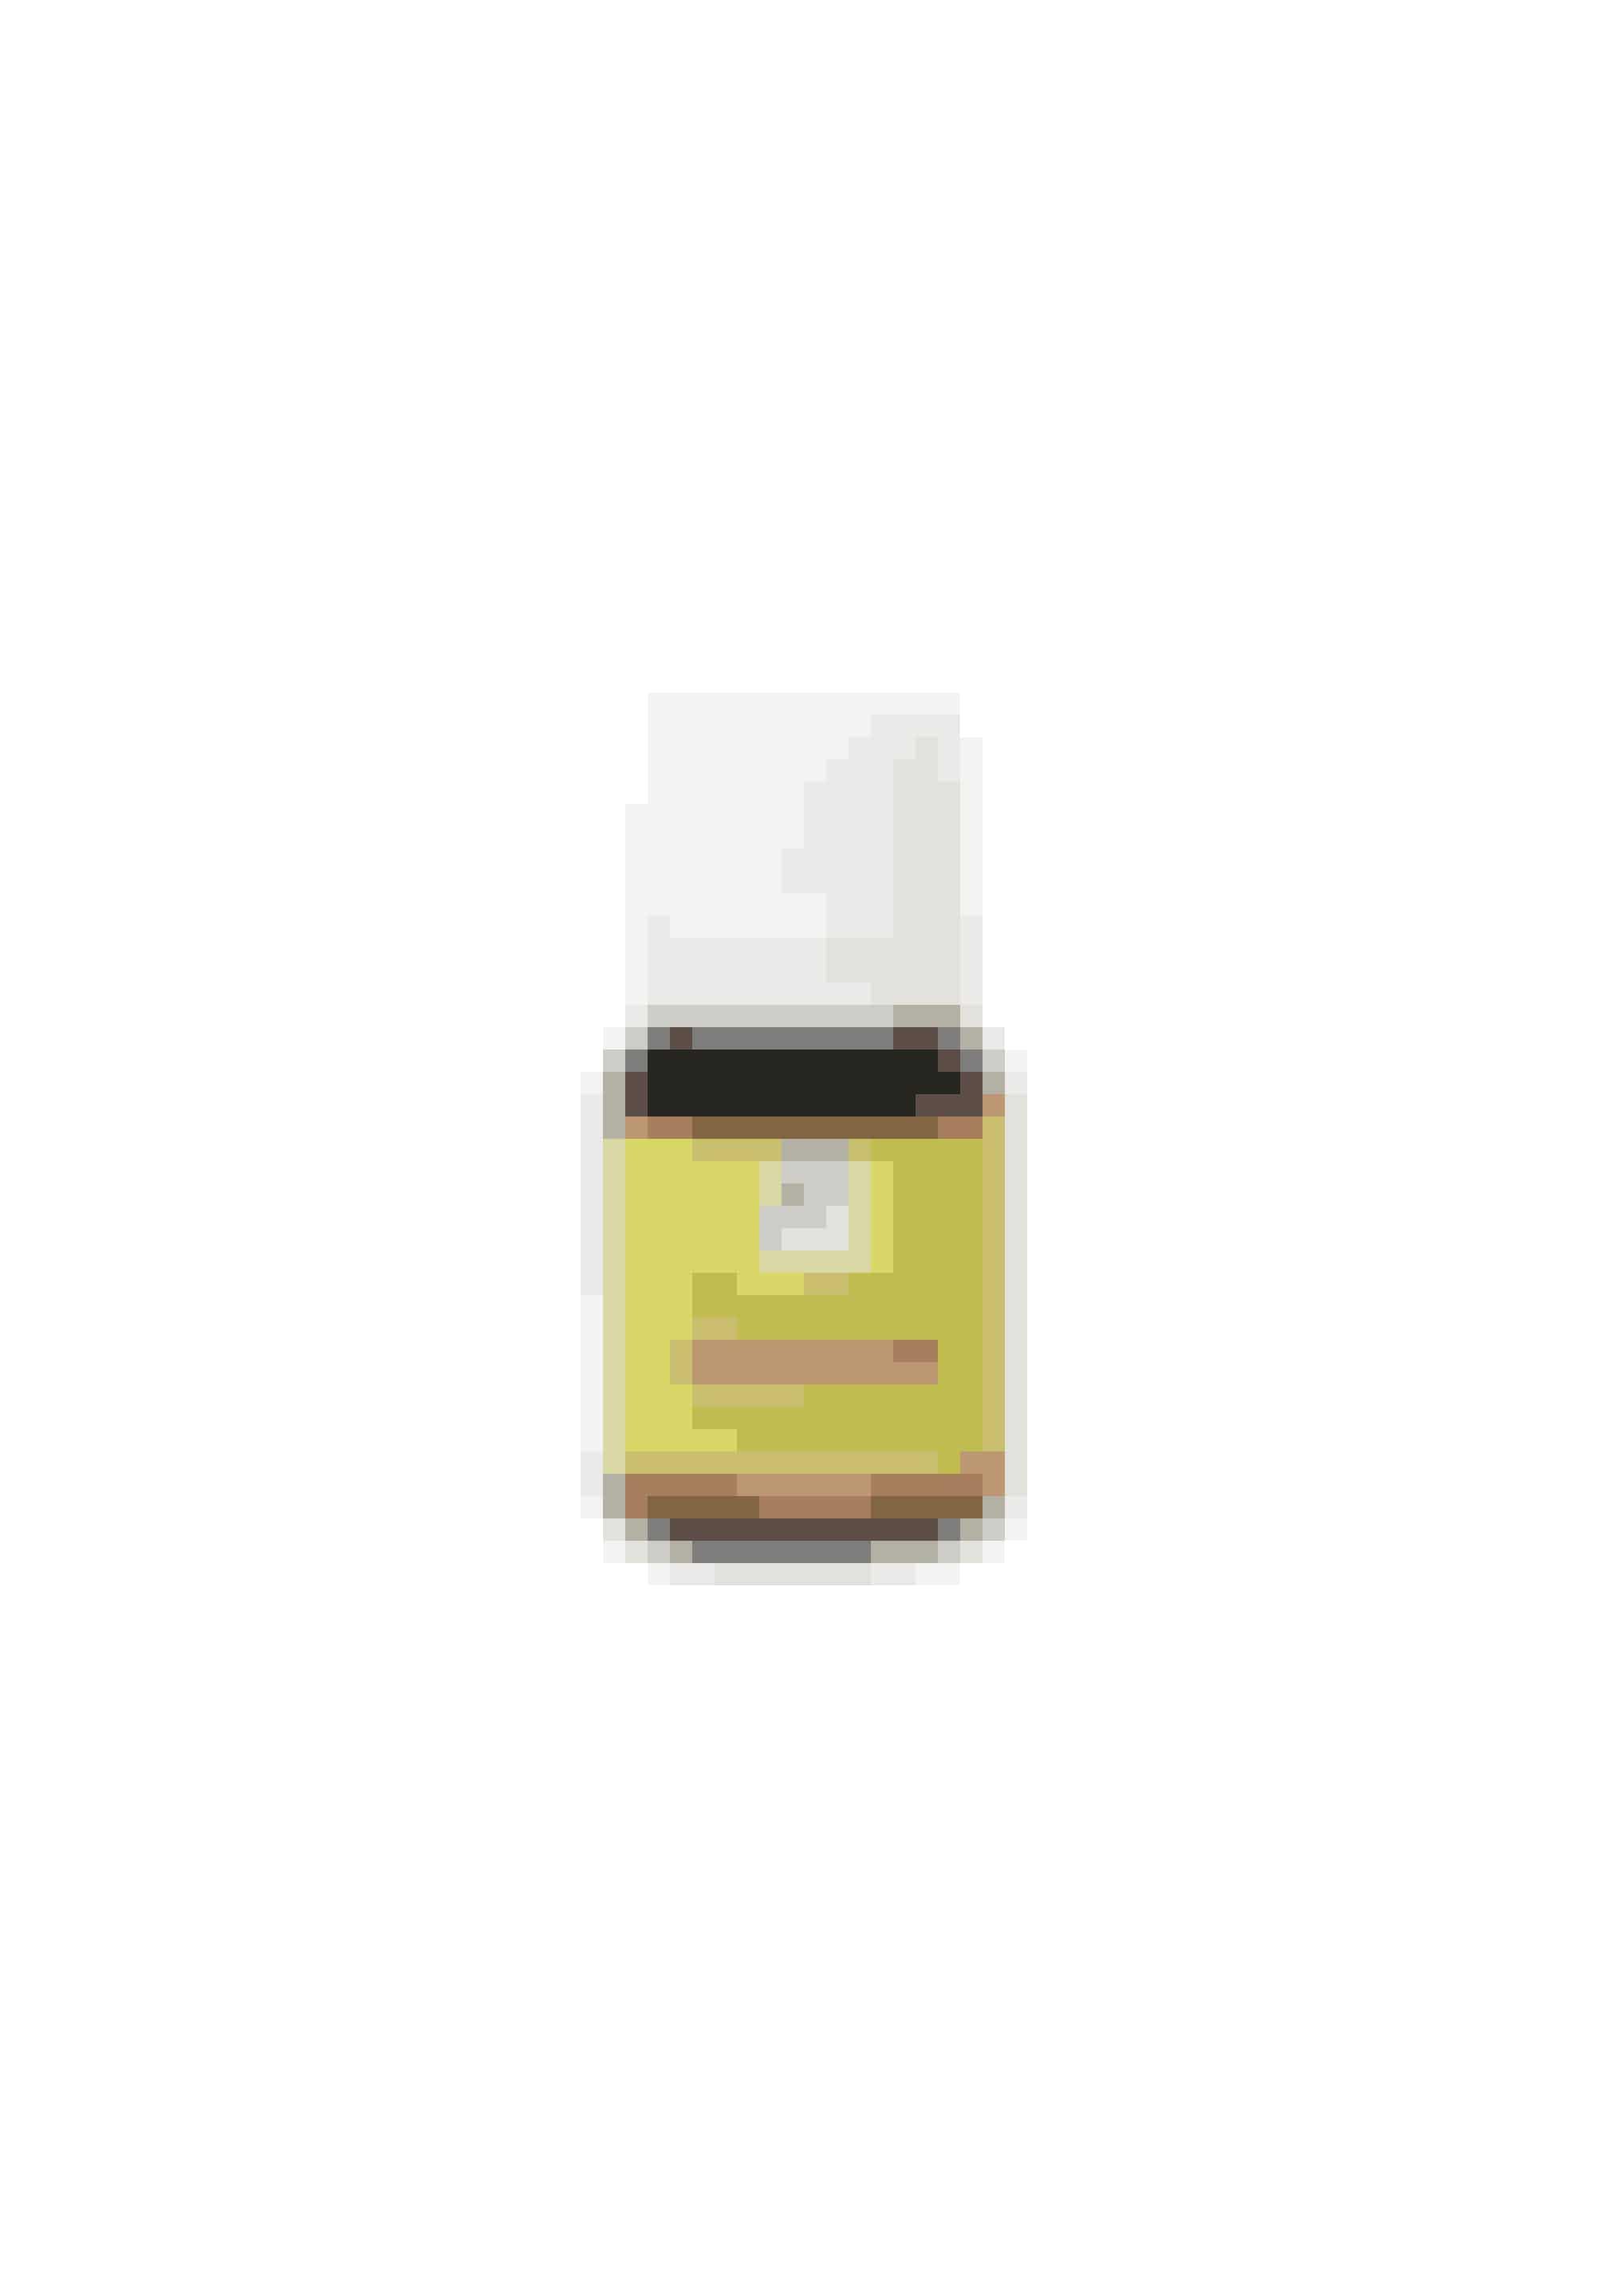 Drik din hyaluronHyaluronsyre findes naturligt i huden og er sammen med kollagen med til at støtte hudens struktur. Med alderen mister huden fylde, fugt og spændstighed, og derfor er det en god idé at hjælpe hyaluronsyre-niveauet på vej med disse ampuller. Skin Care Hyaluron Shot, New Nordic, 8 drikkeampuller, 159 kr. Kan købes online HER